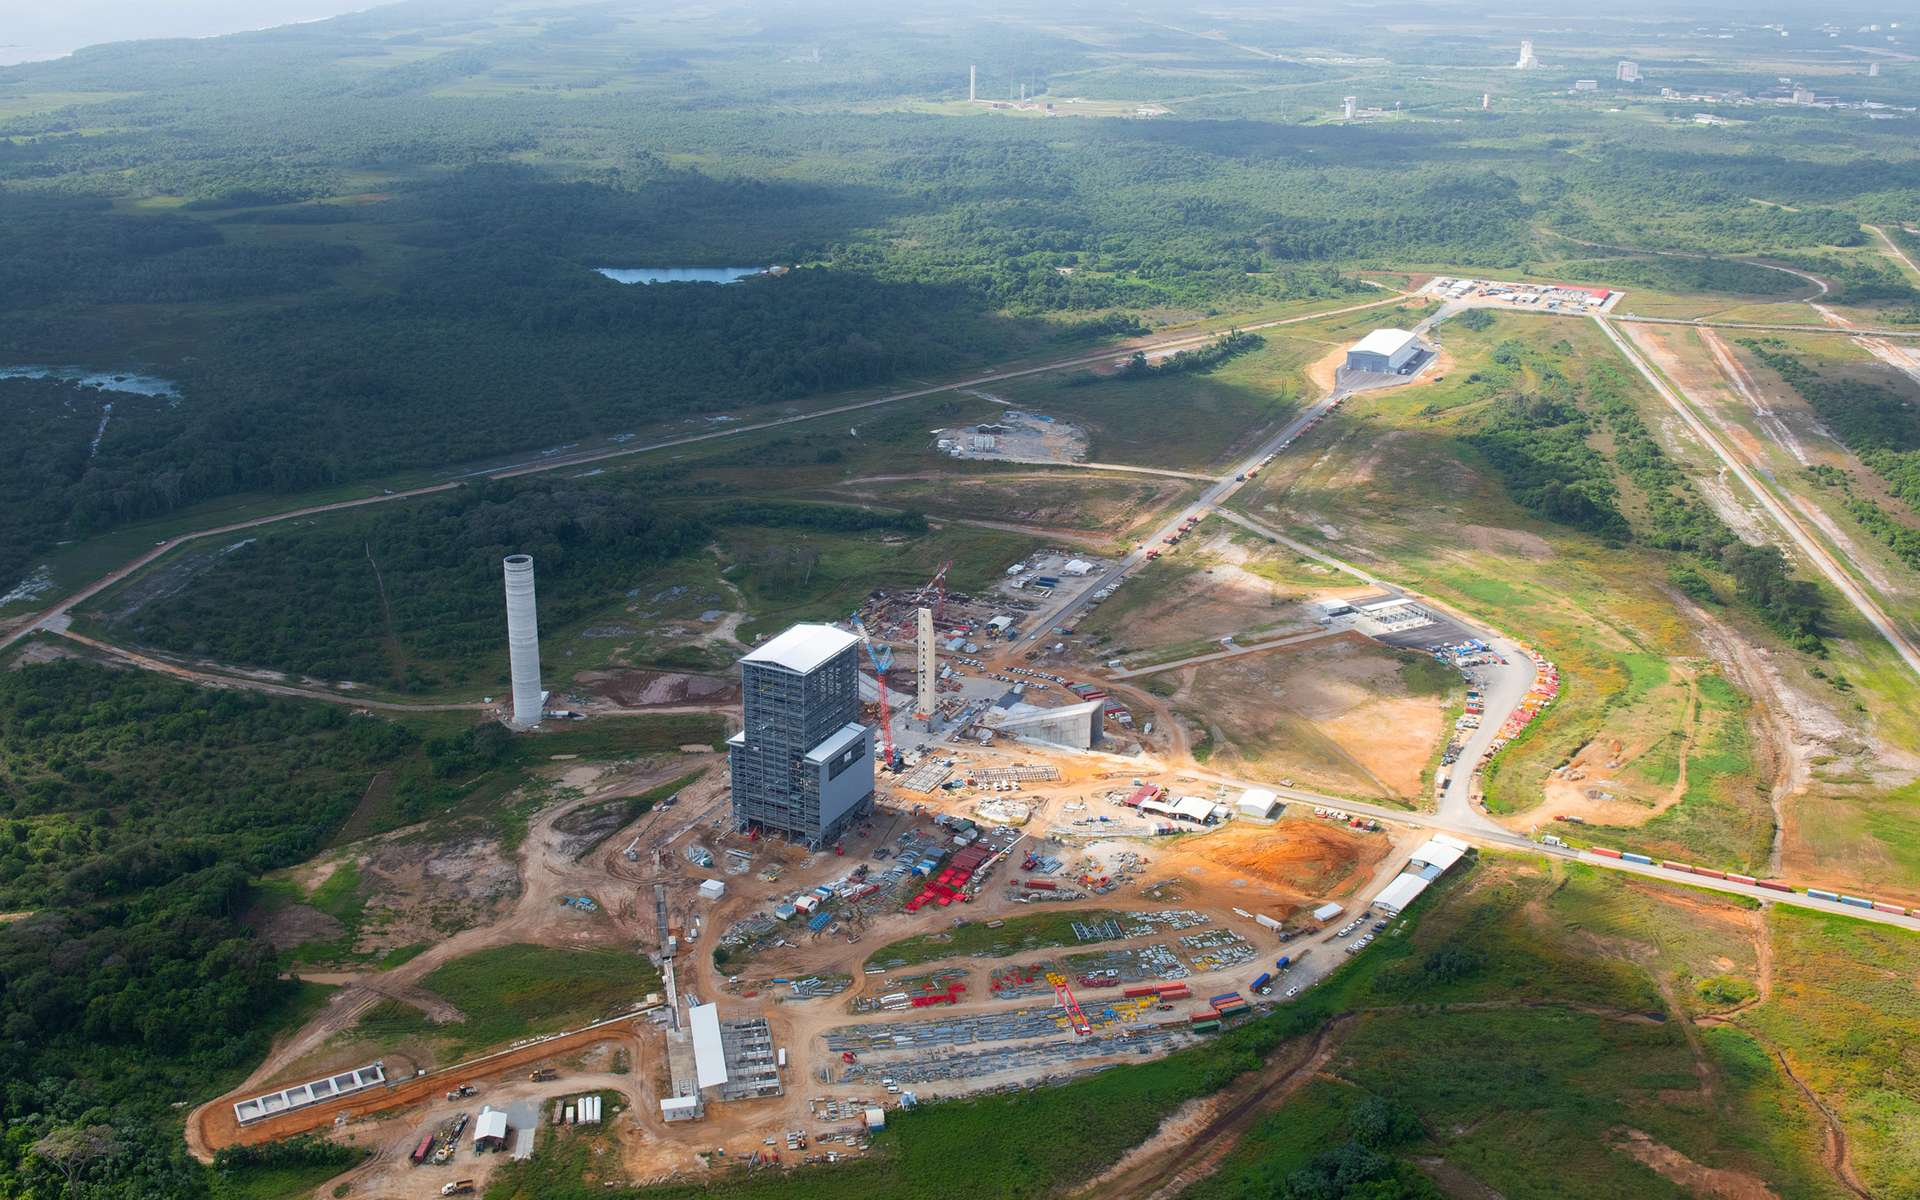 État d'avancement de la construction du site de lancement Ariane 6 avec en arrière-plan le site de lancement Ariane 5 (ELA-3). Cette image a été acquise en juin 2019. © Esa, S. Corvaja